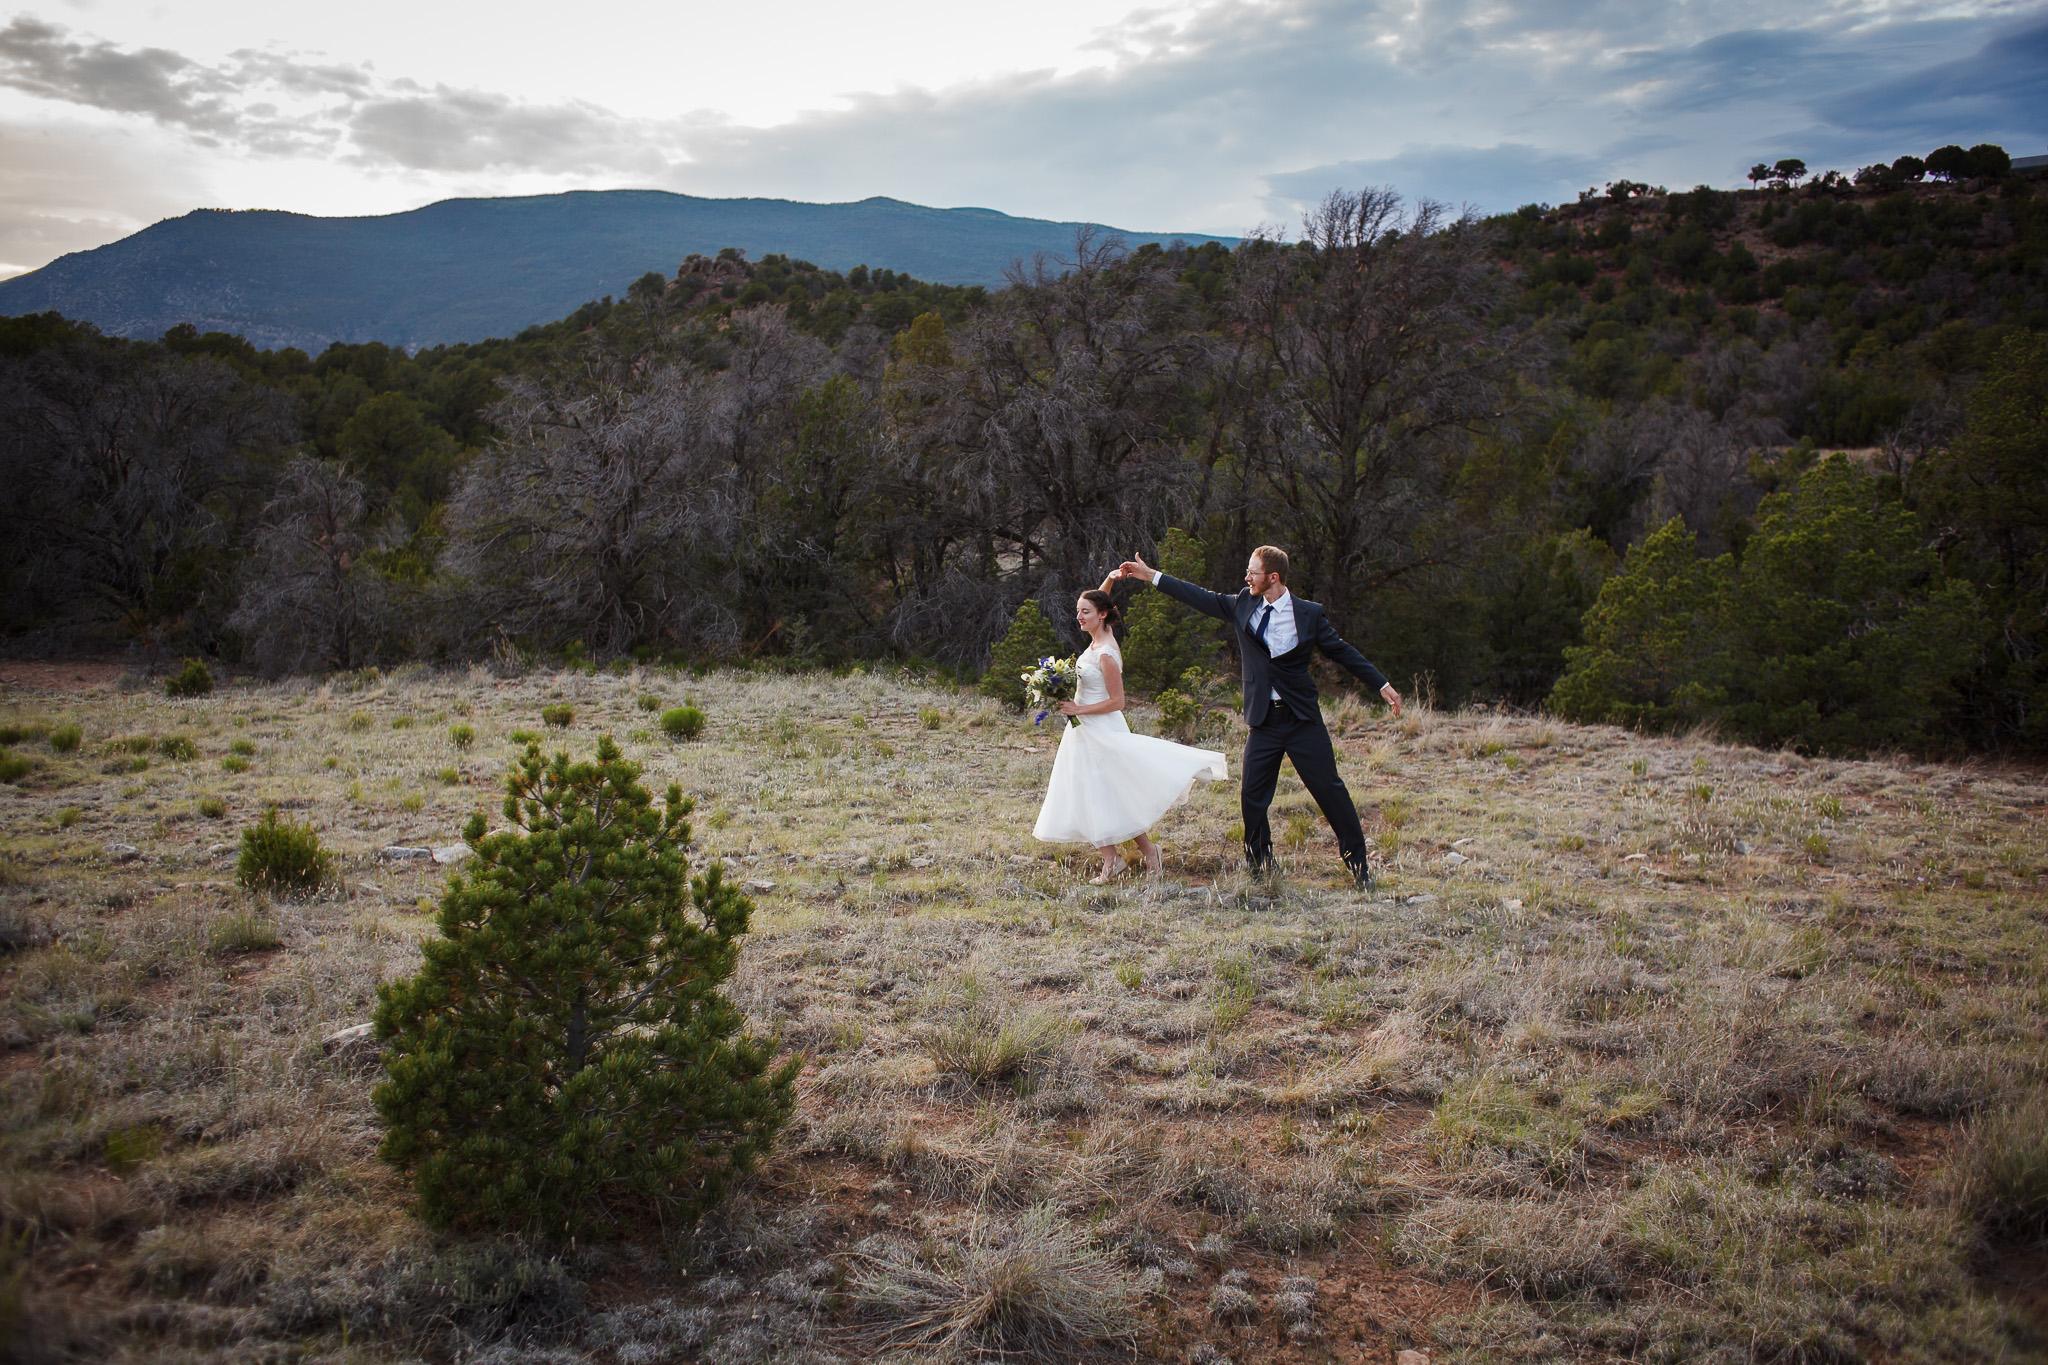 wedding-albuquerque-tijeras-ywca-pinon-canyon-center-0513.jpg